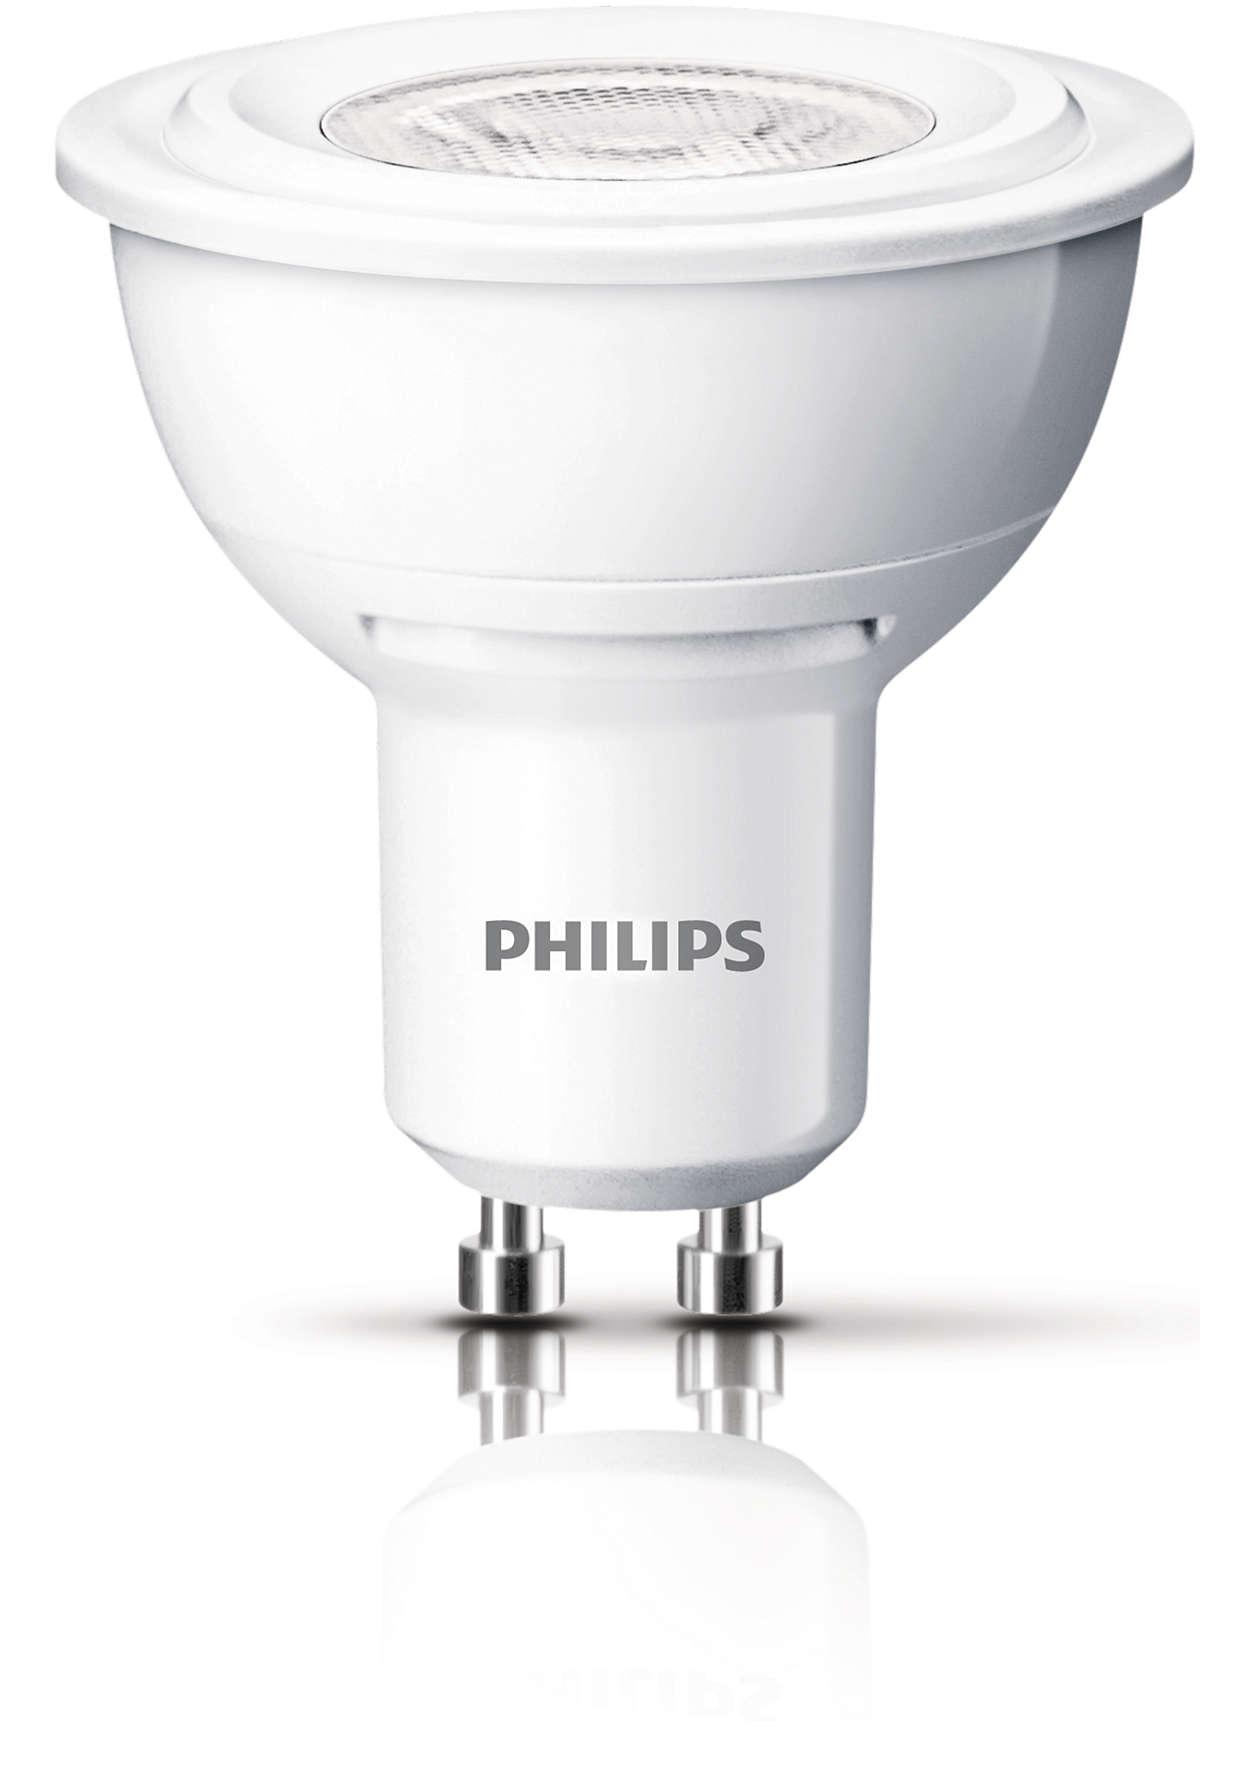 Holdbar indirekte belysning med en fokuseret klar lysstråle